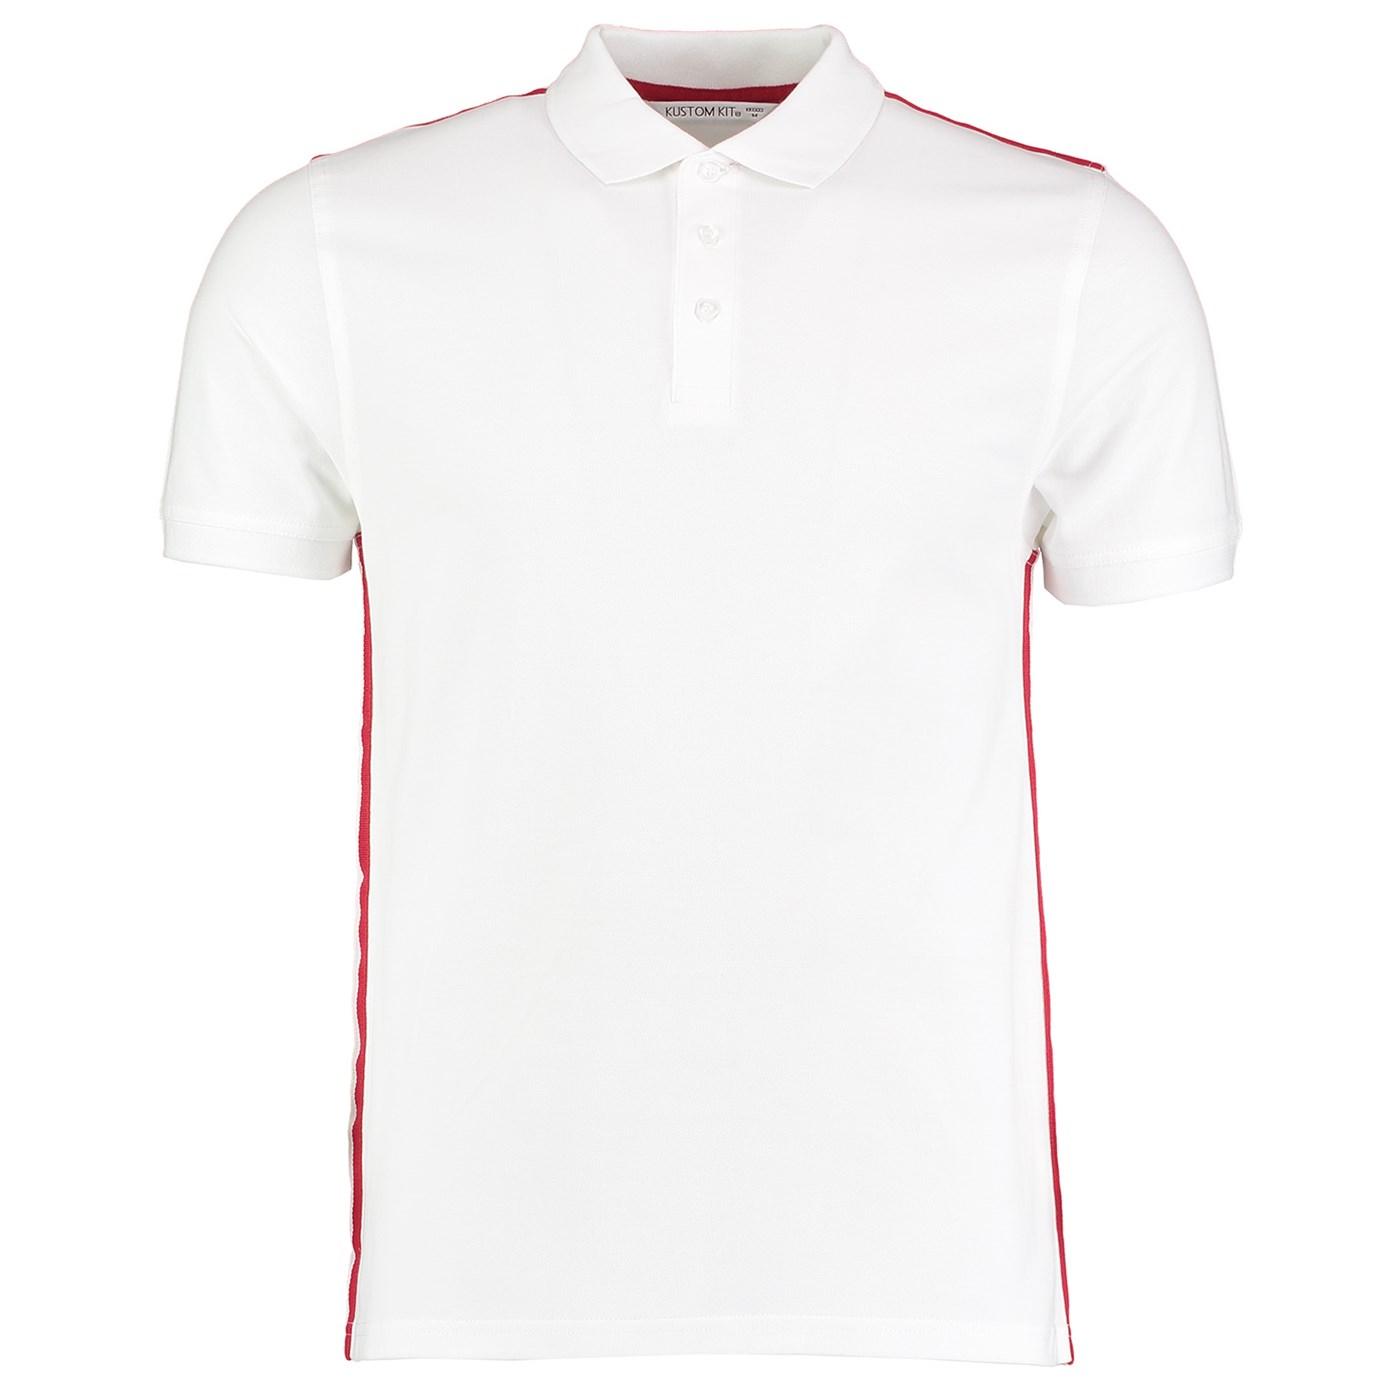 d7fb0426 Kustom Kit Men's Team Style Slim Fit Polo Shirt KK603